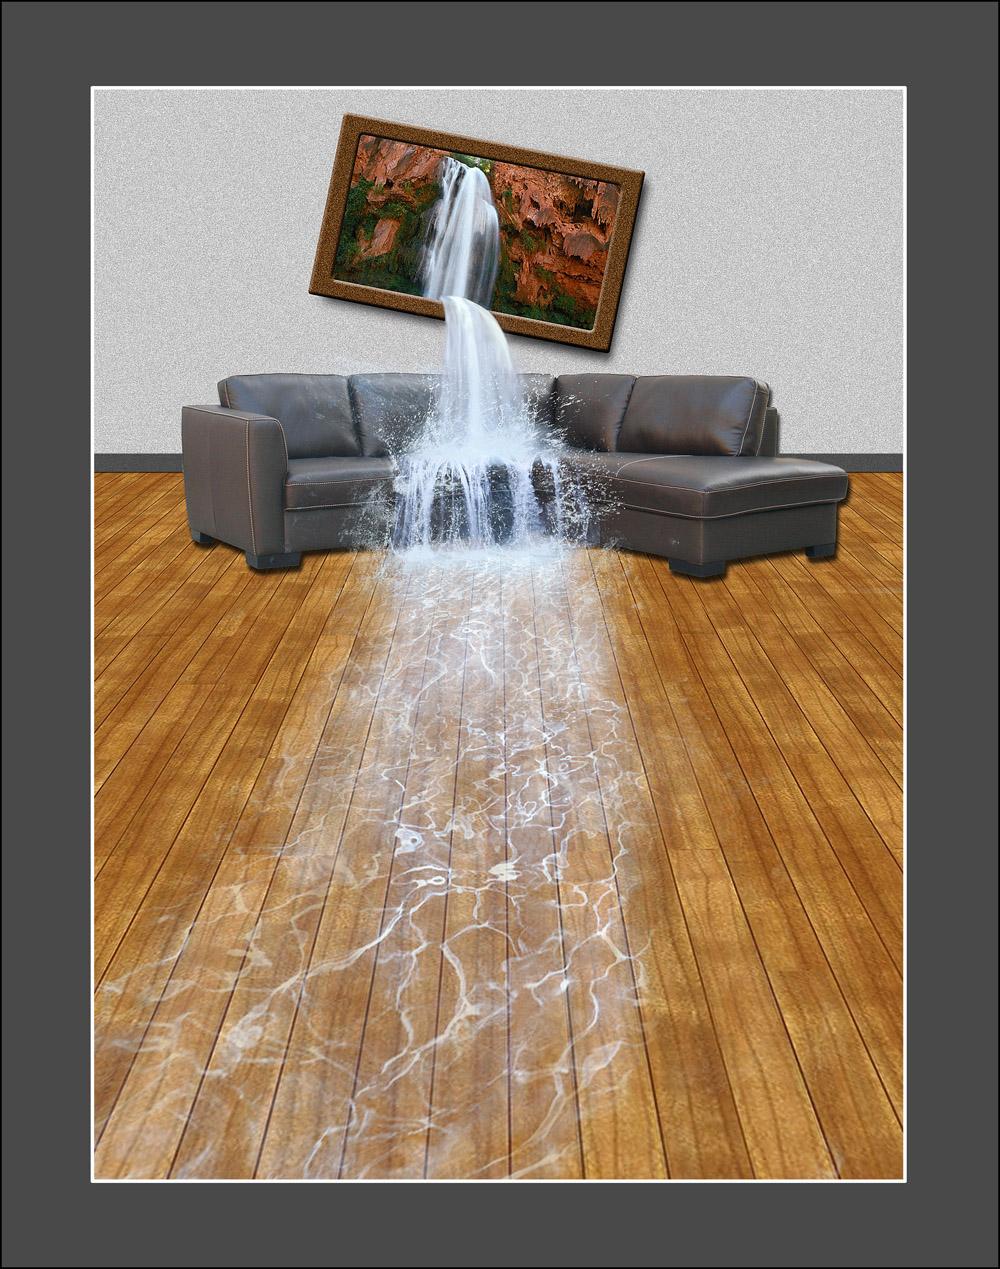 创意合成沙发流水效果